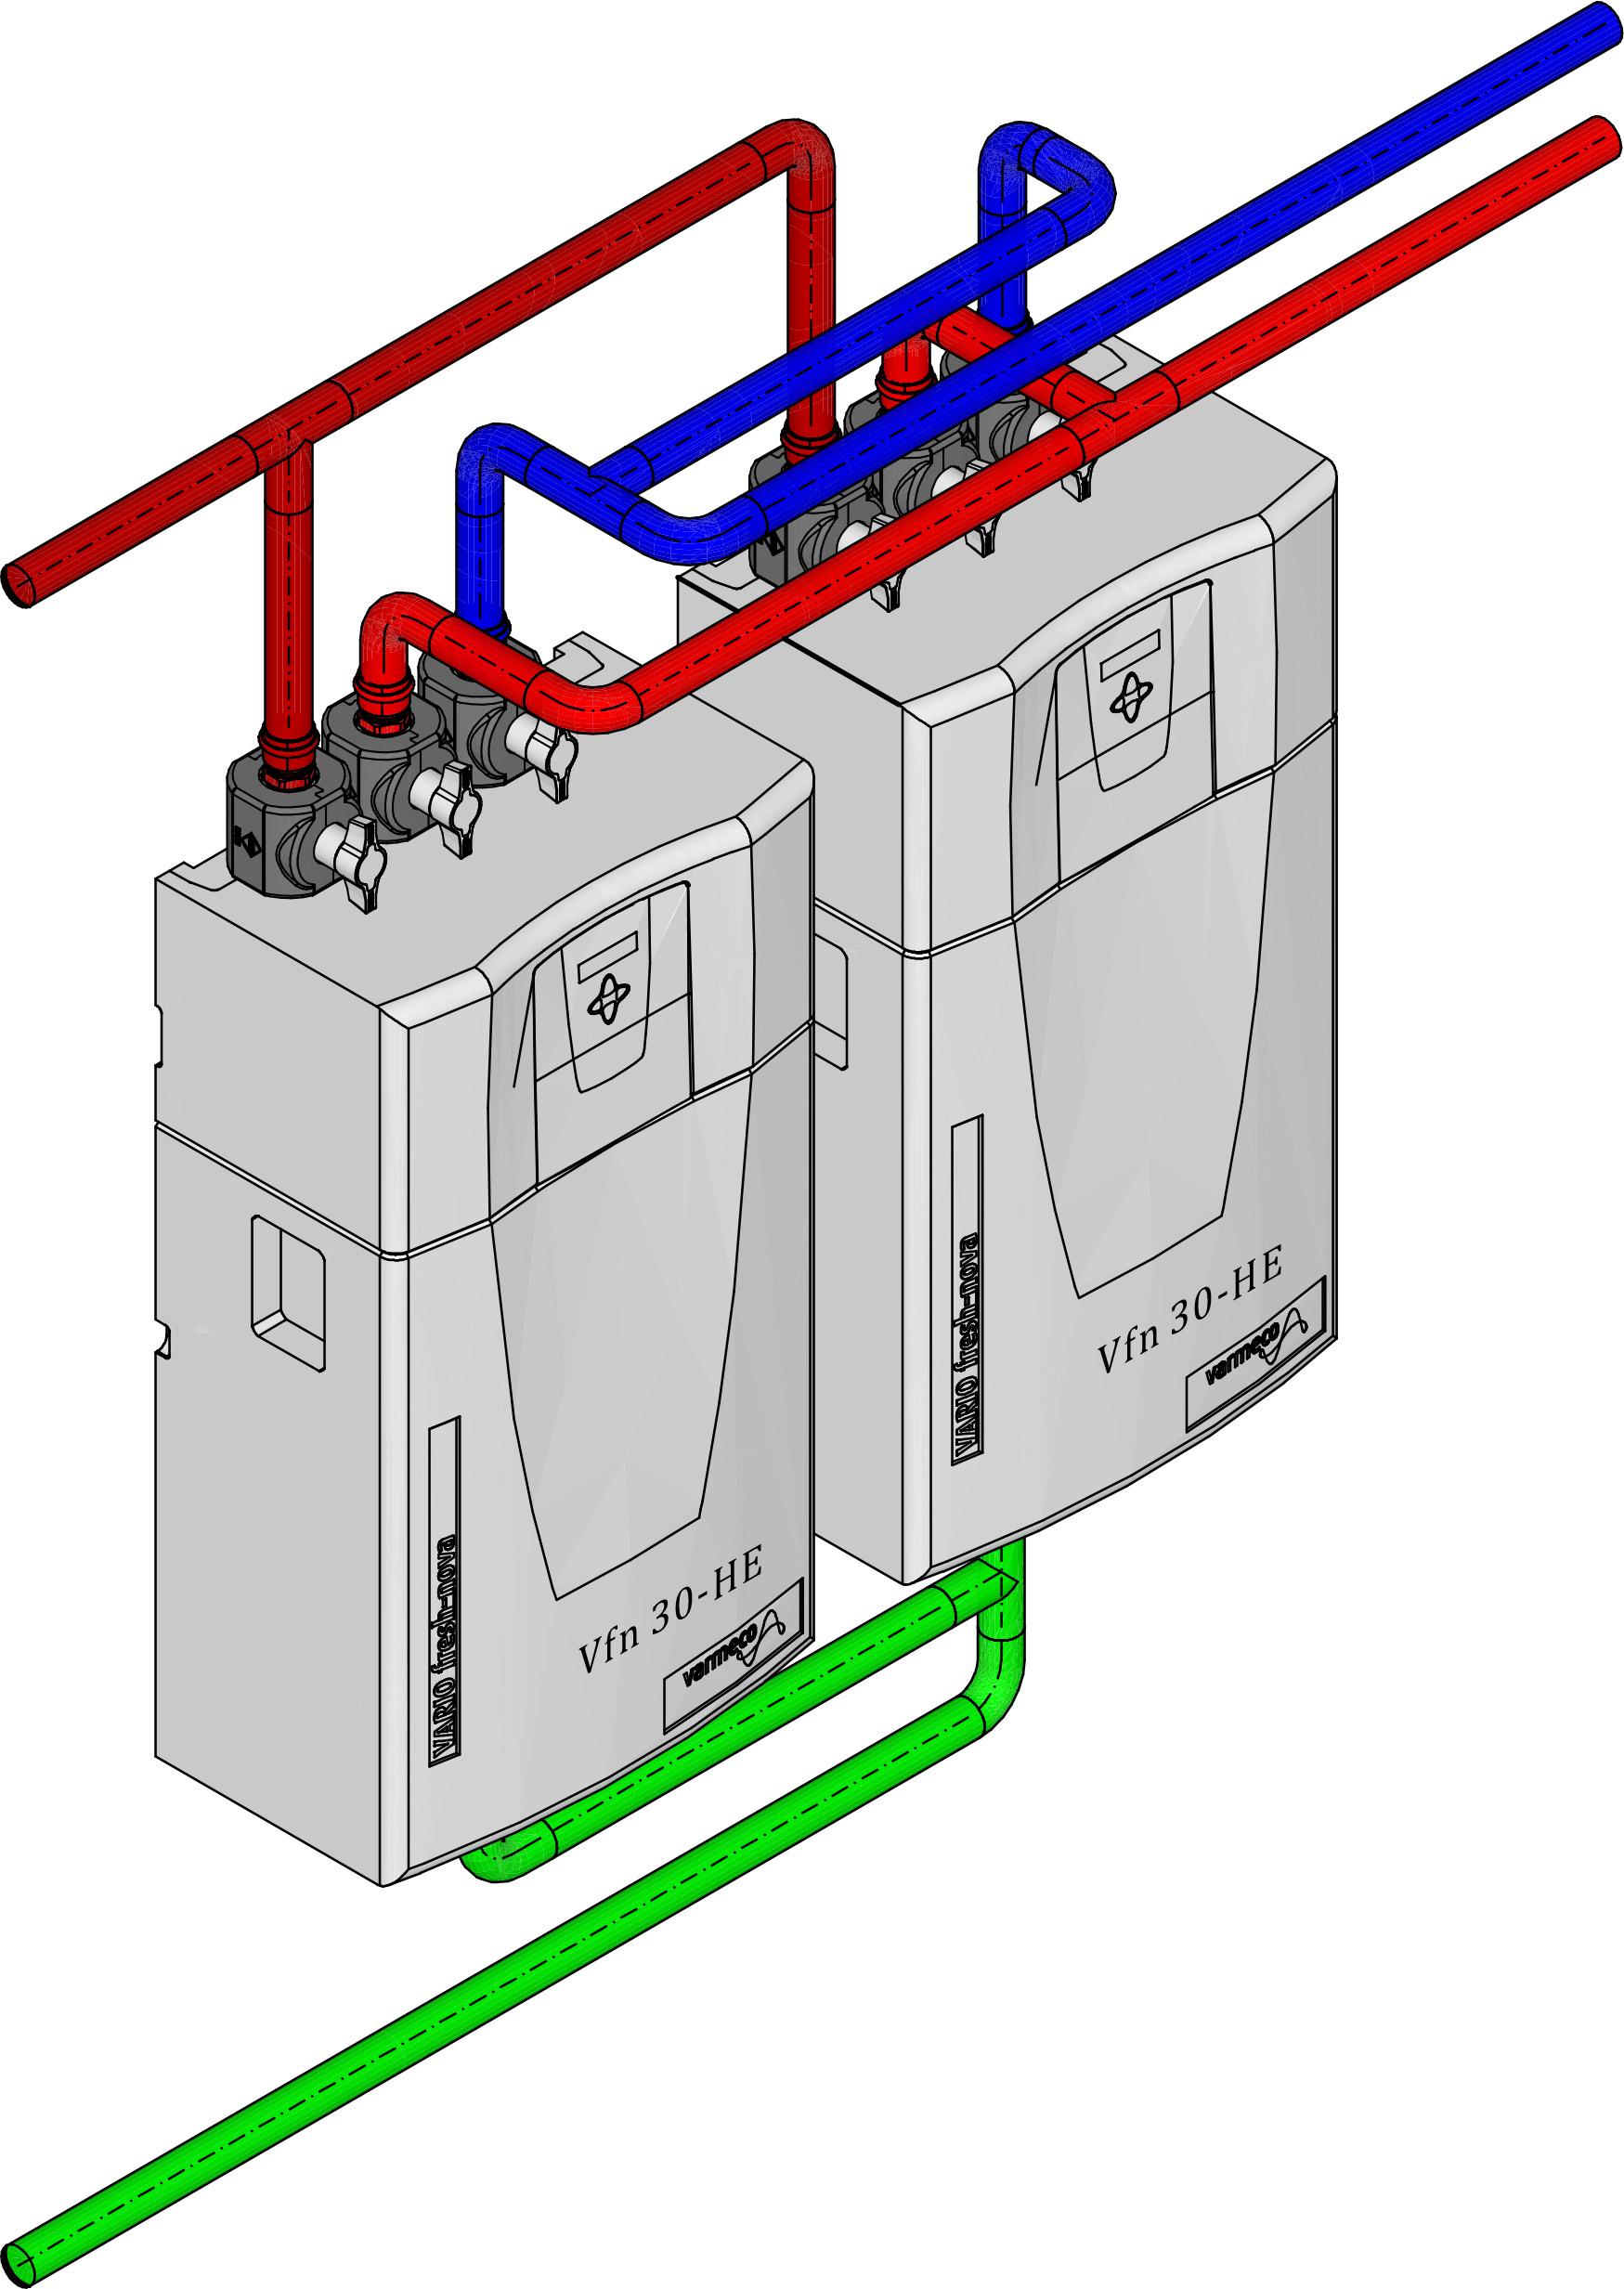 Kunden News Aus Den Branchen Bau Und Gebudetechnik Contigo Gps Wiring Diagram 22 Juni 2017